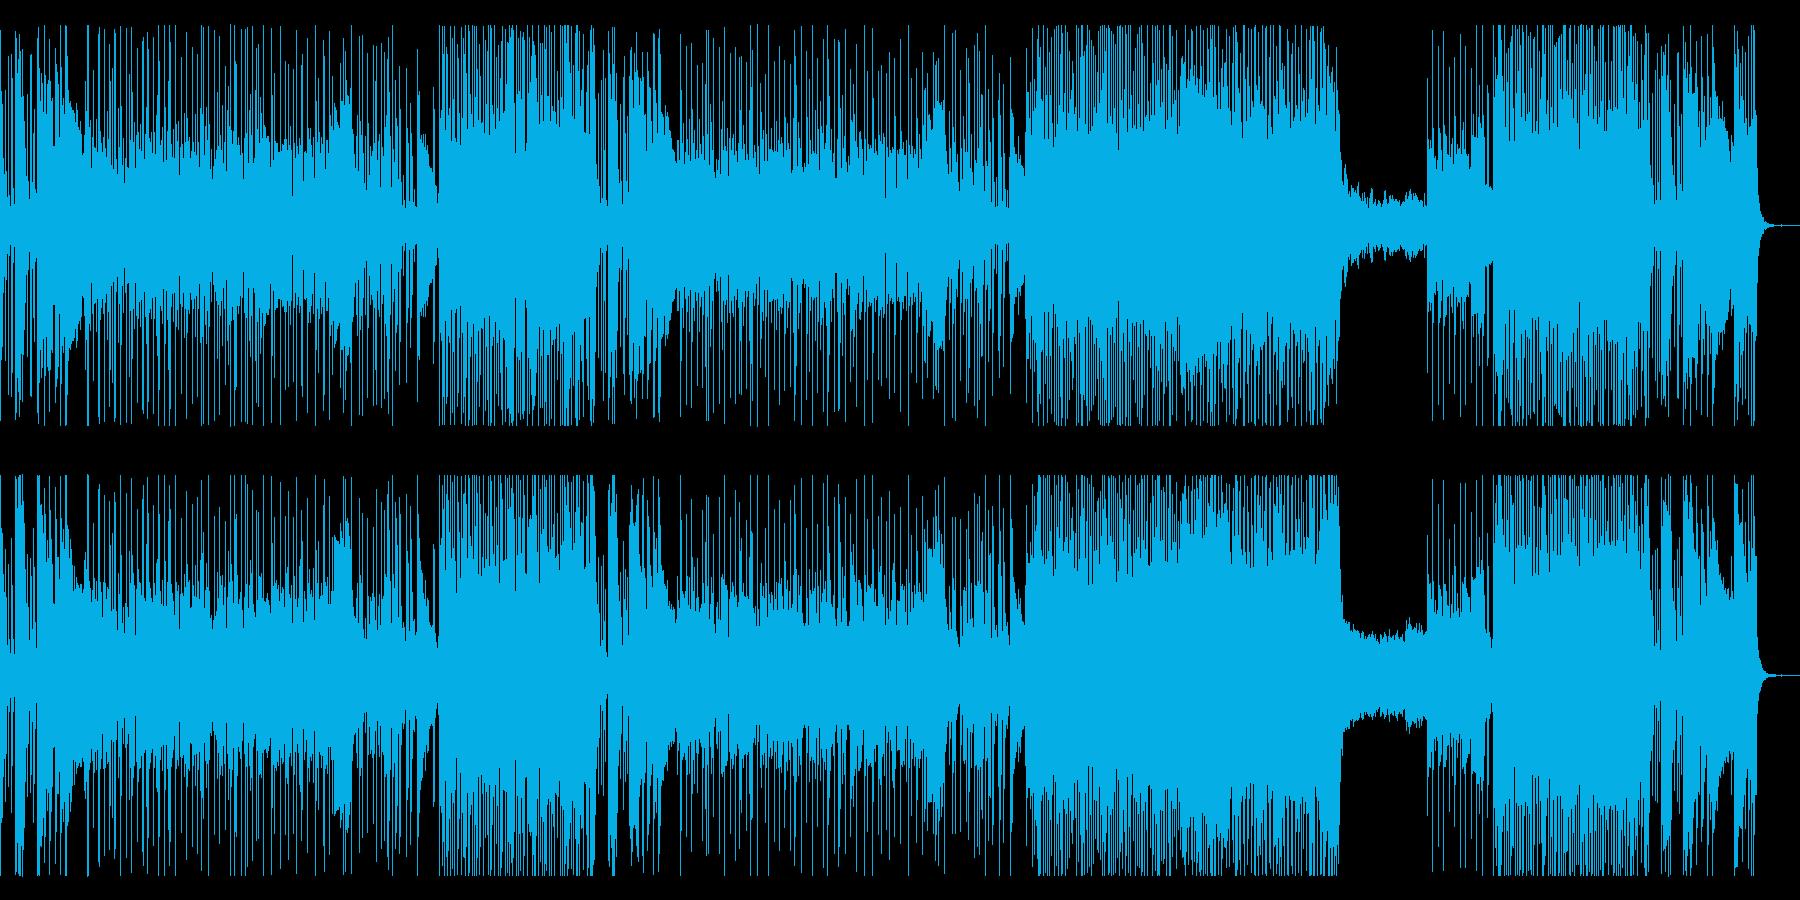 戦国時代 和風ロック 主旋律無しver.の再生済みの波形